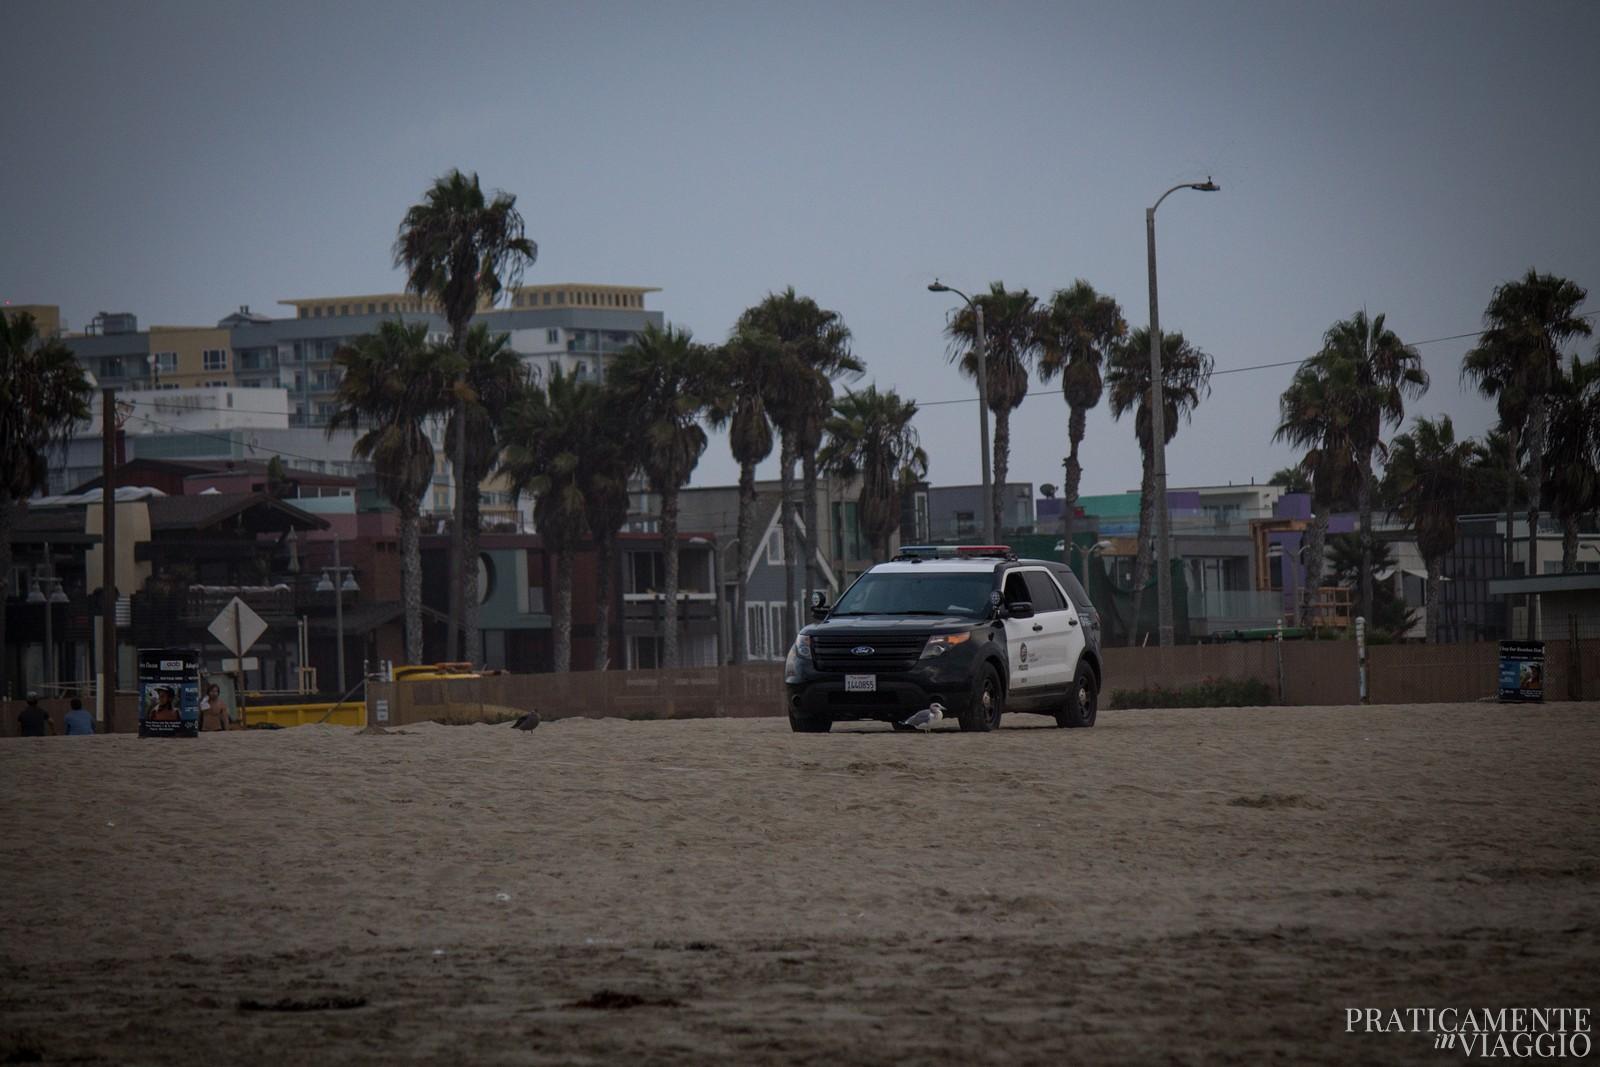 macchina della polizia sulla spiaggia di Venice Beach